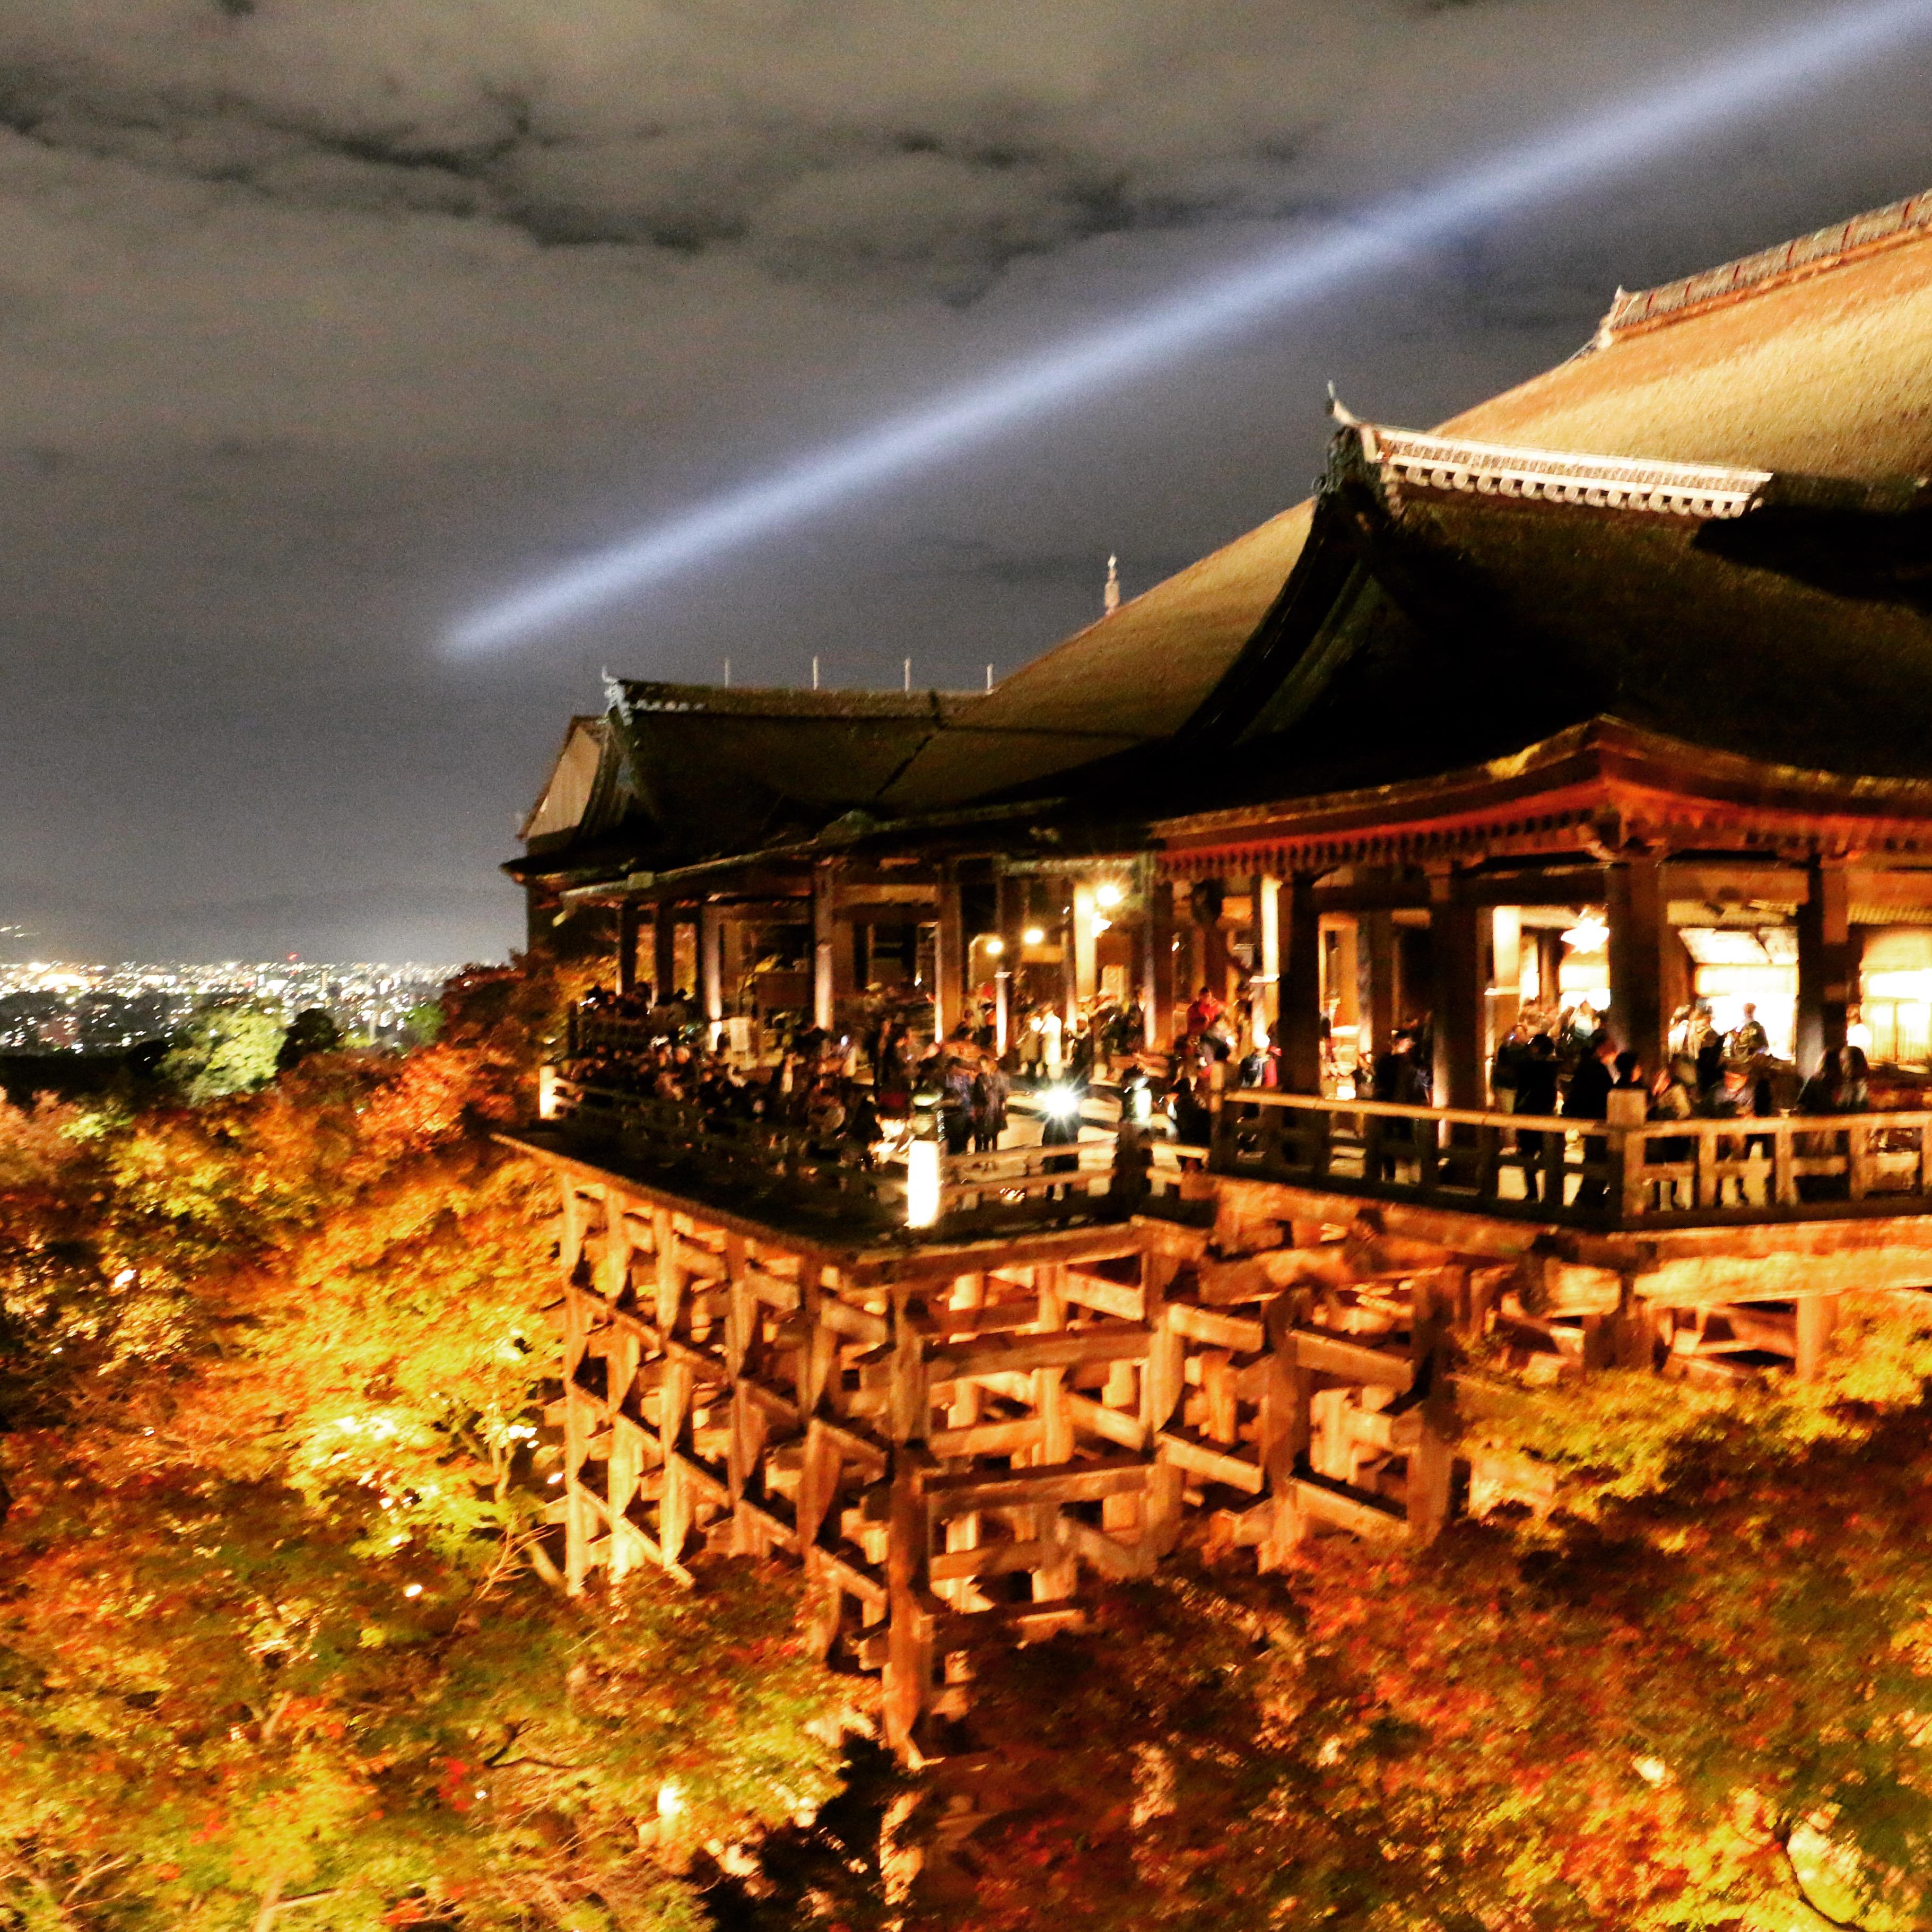 STAGE OF KIYOMIZU